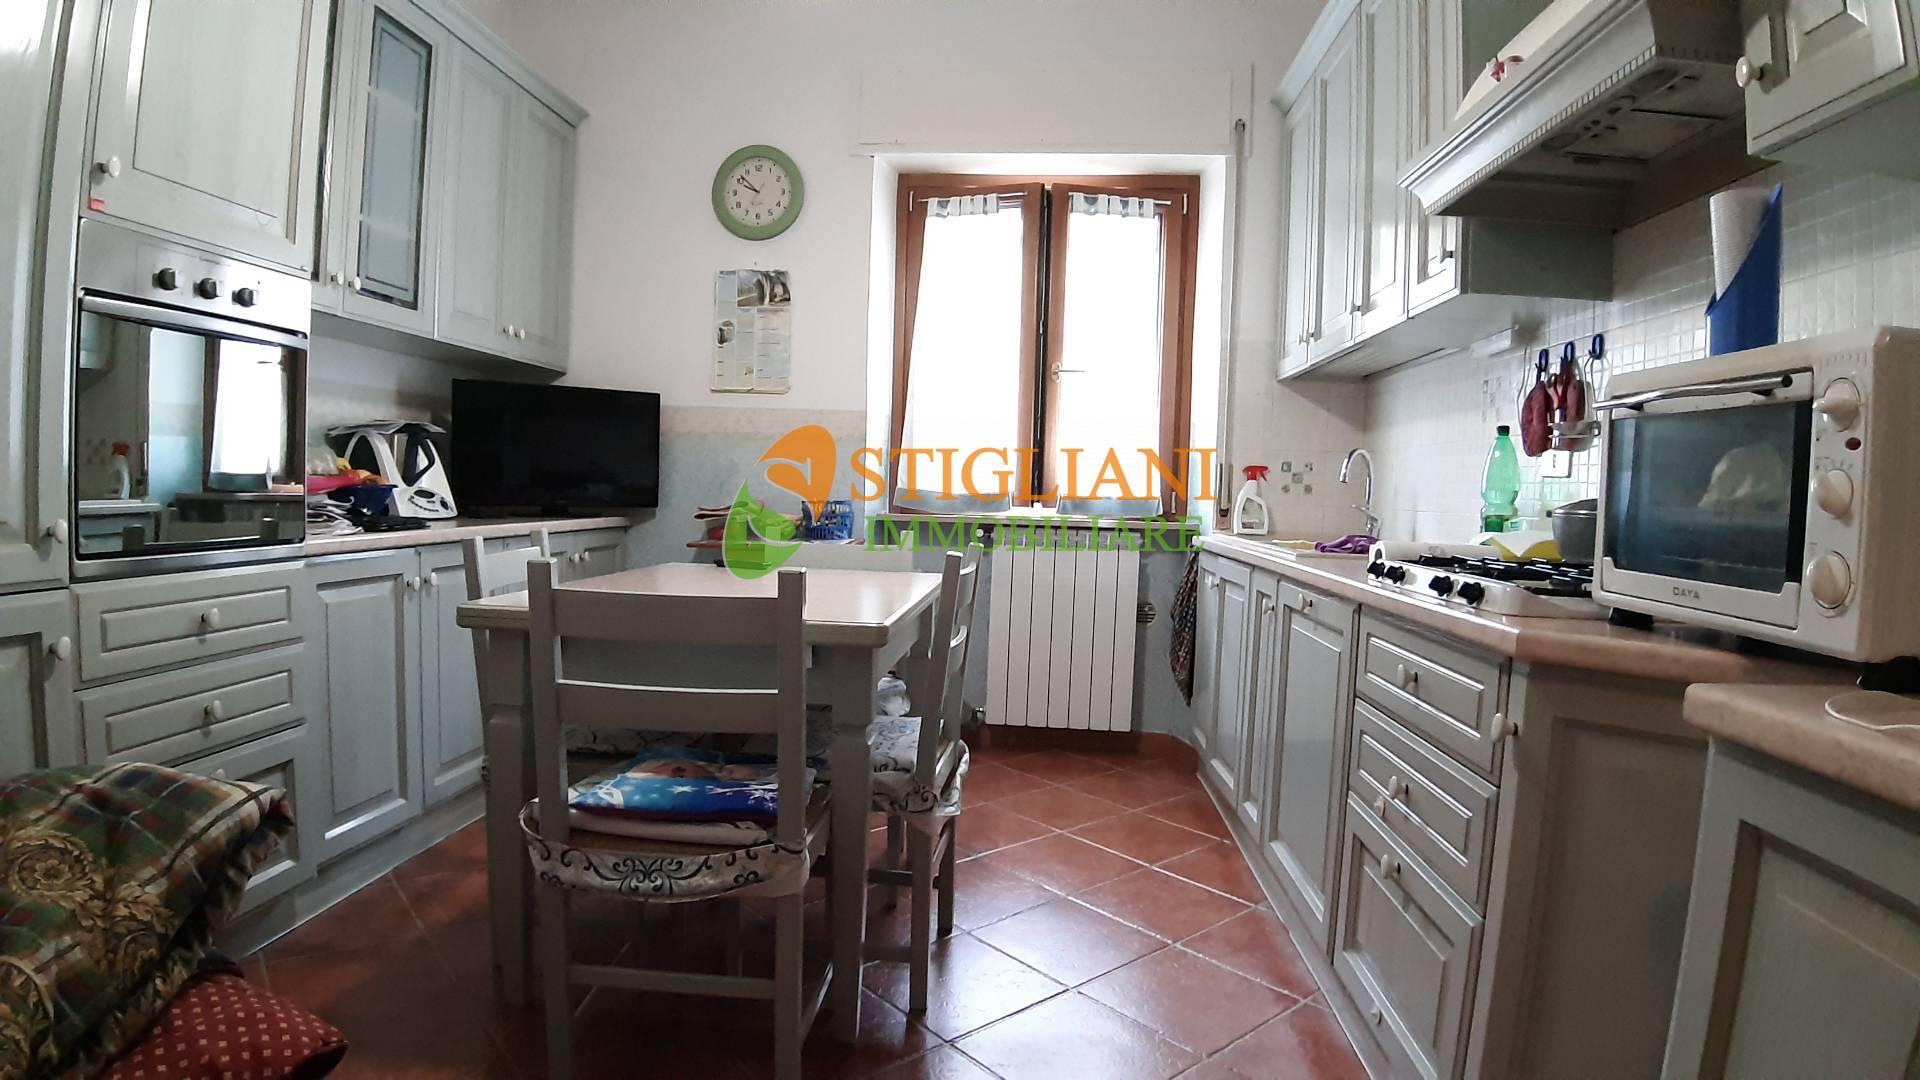 Appartamento in vendita a Campobasso, 4 locali, zona Località: ViaDiVittorio, prezzo € 100.000 | CambioCasa.it